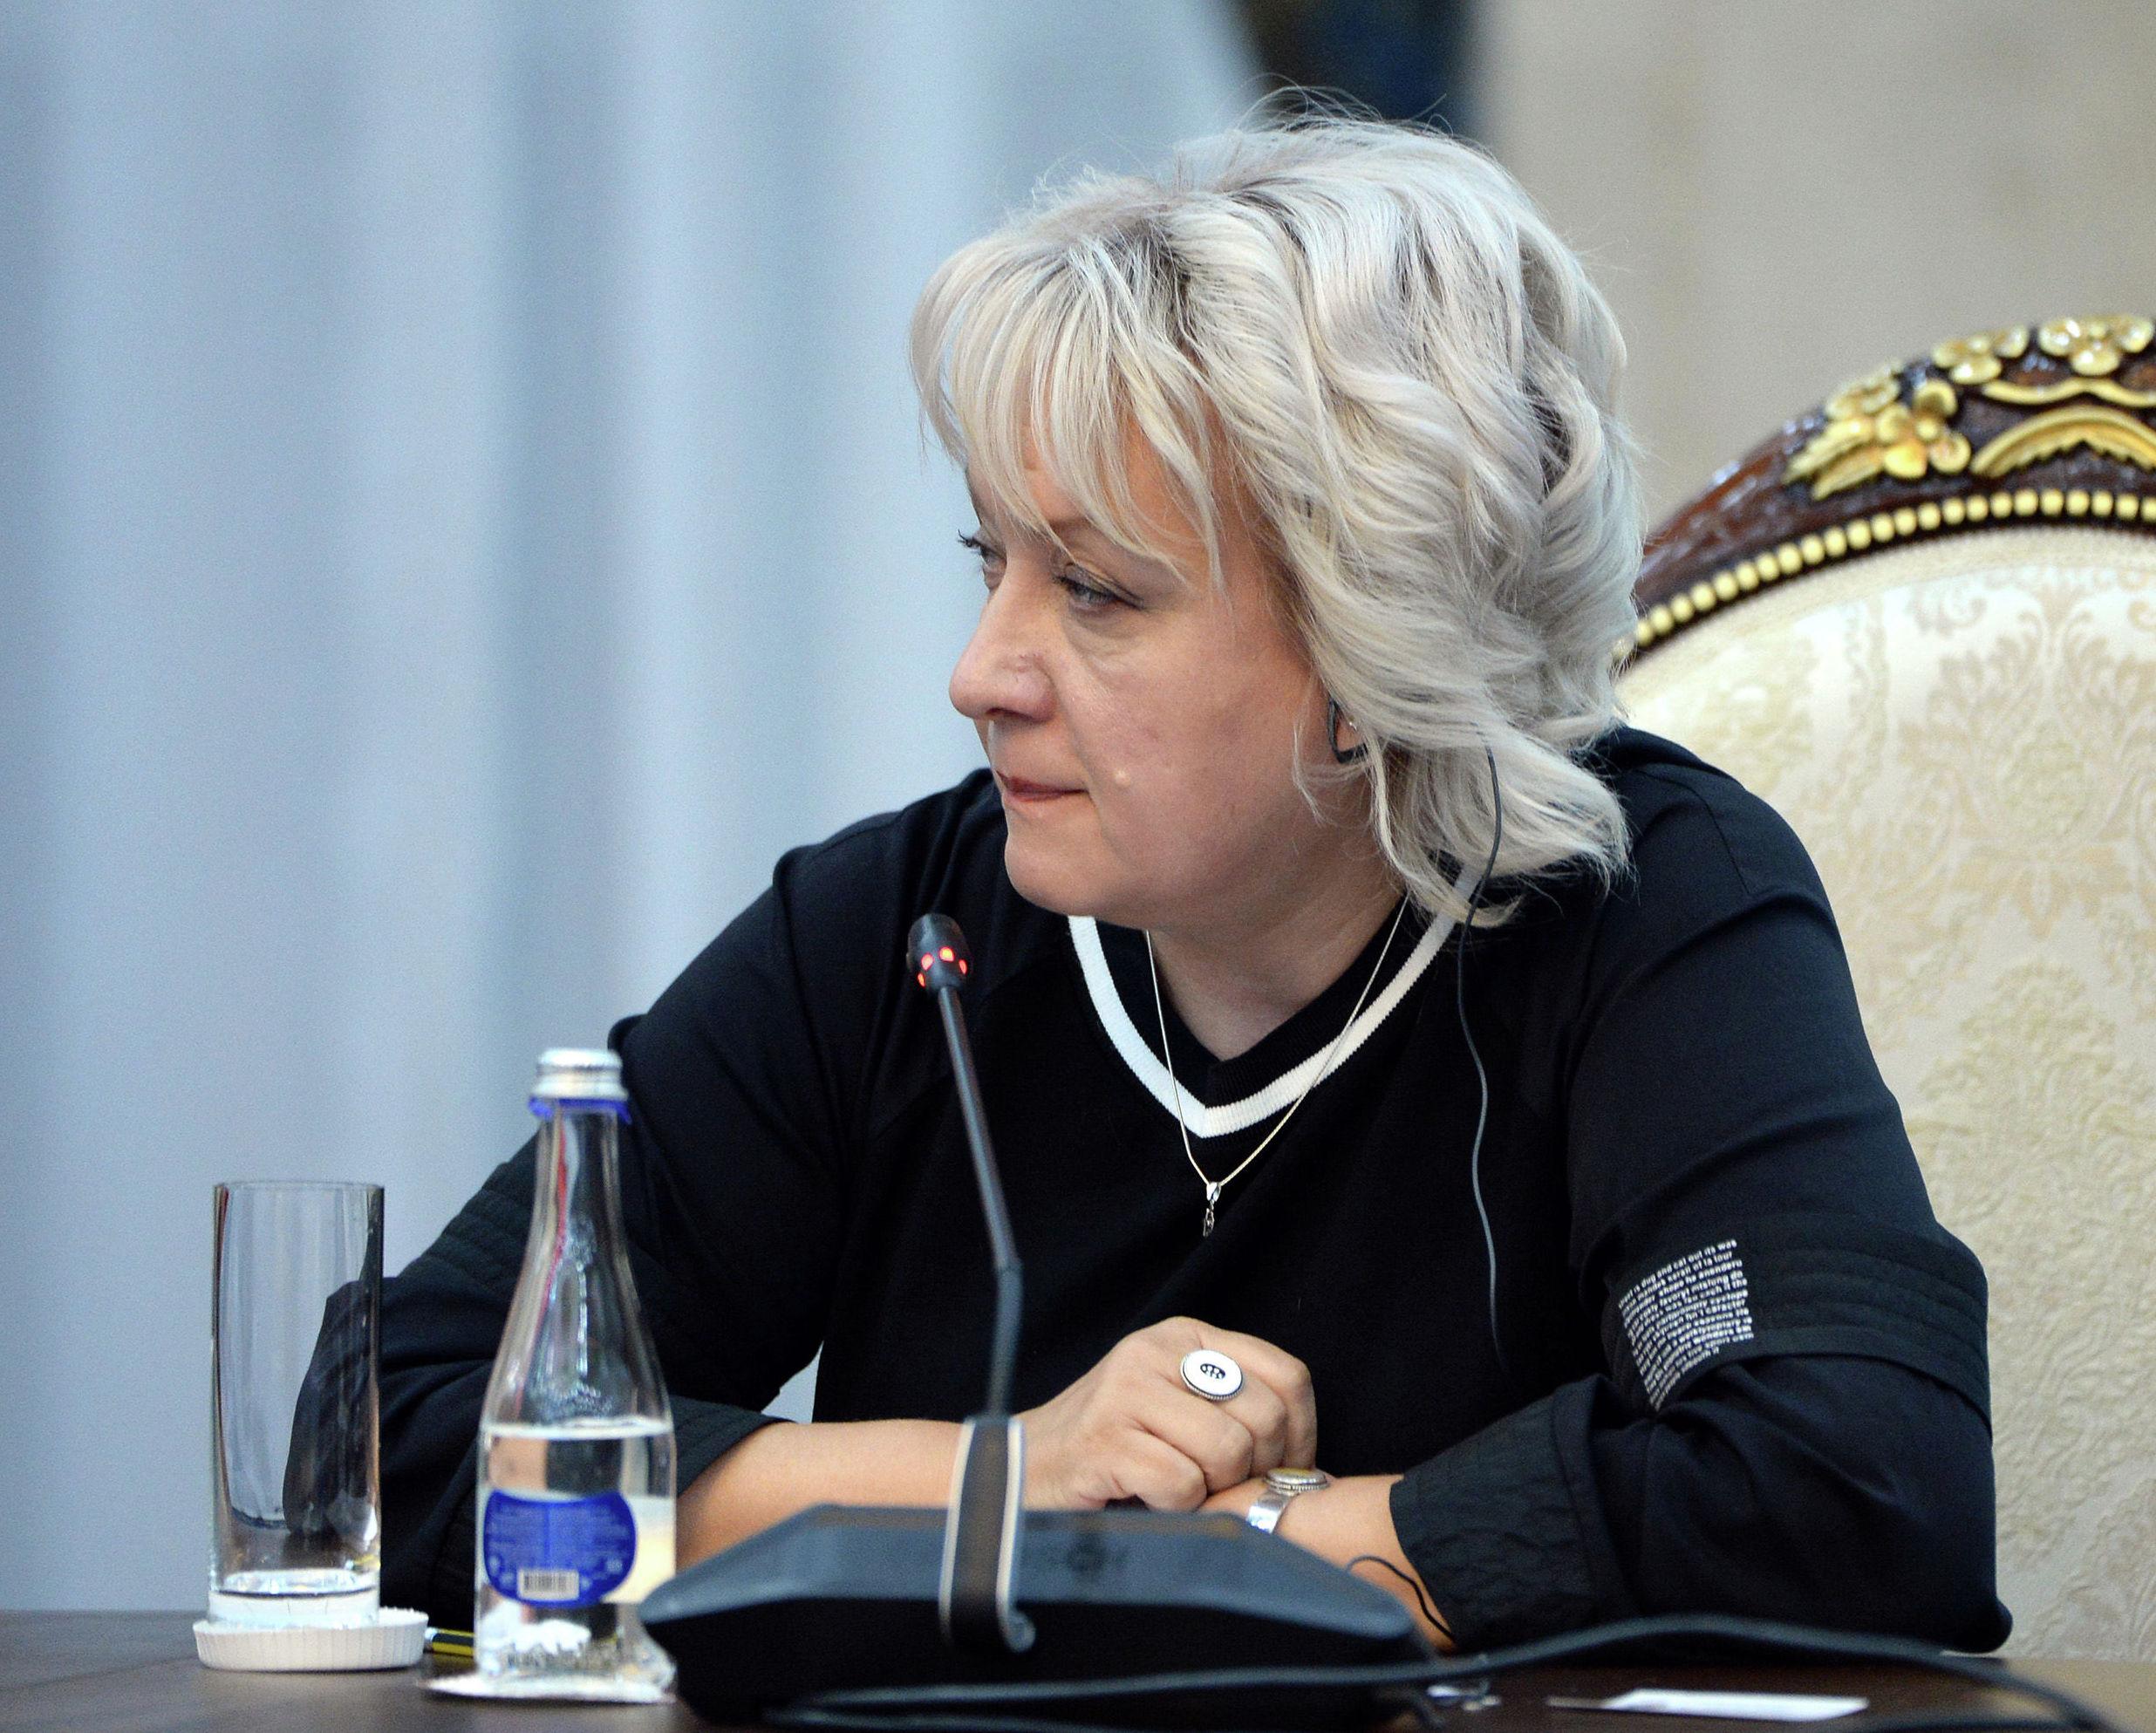 Руководитель международного информационного агентства и радио Sputnik Кыргызстан Елена Череменина